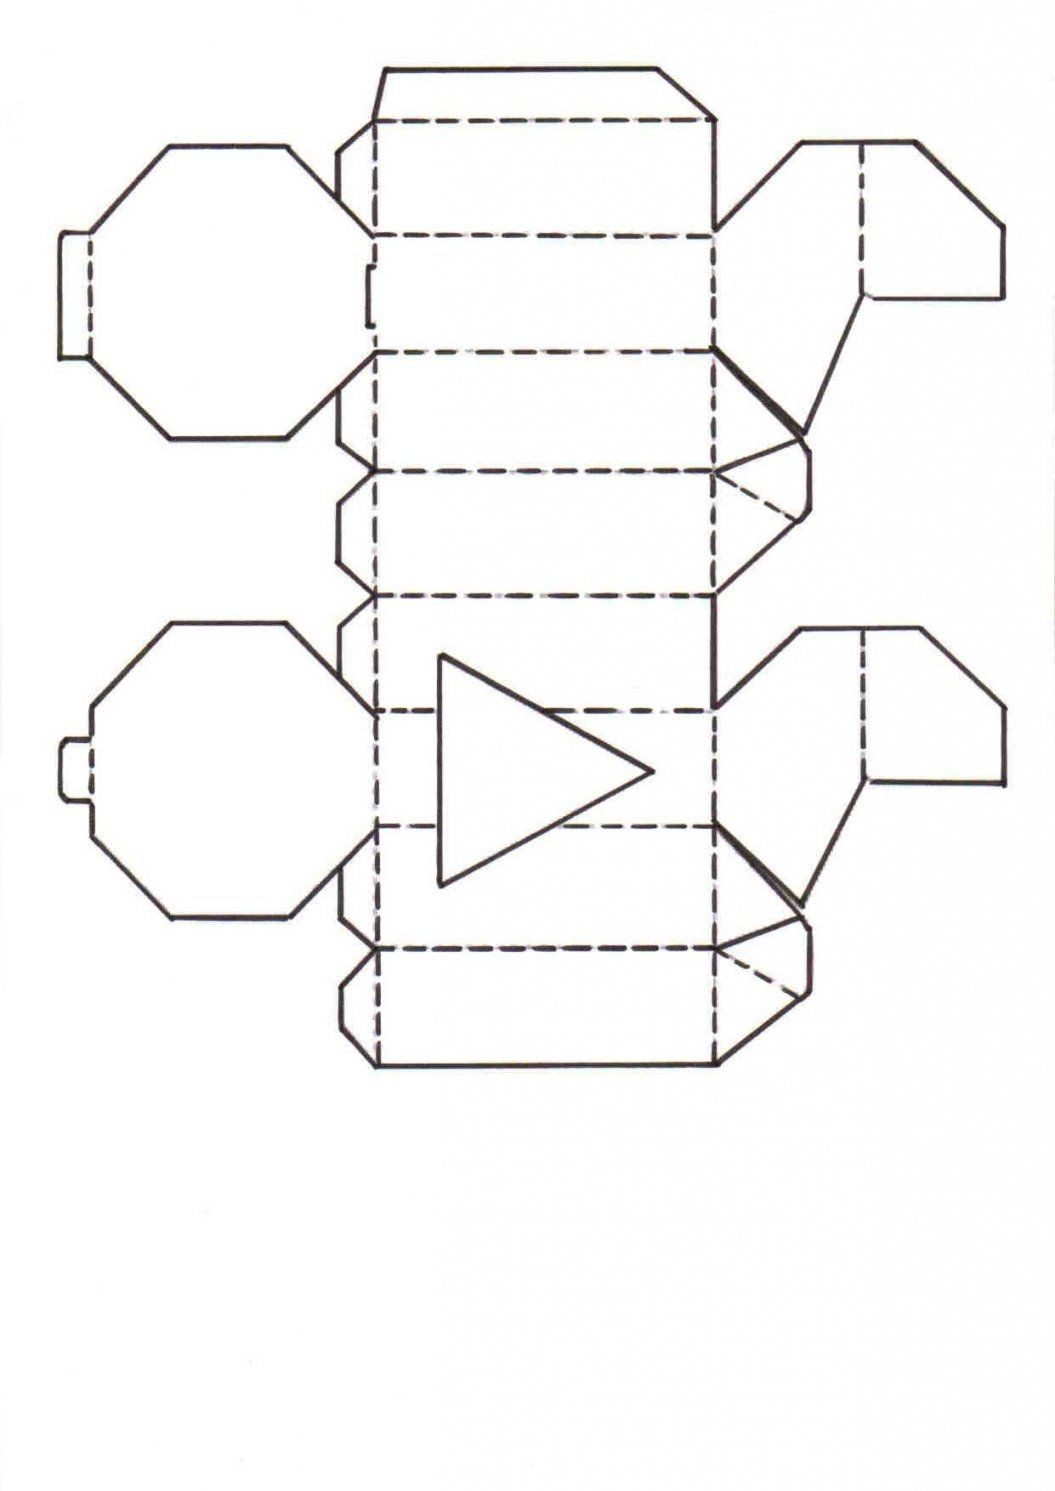 Bastelvorlagen Für Schachteln Und Boxen  Bastelfrau von Kleine Schachteln Basteln Vorlagen Bild